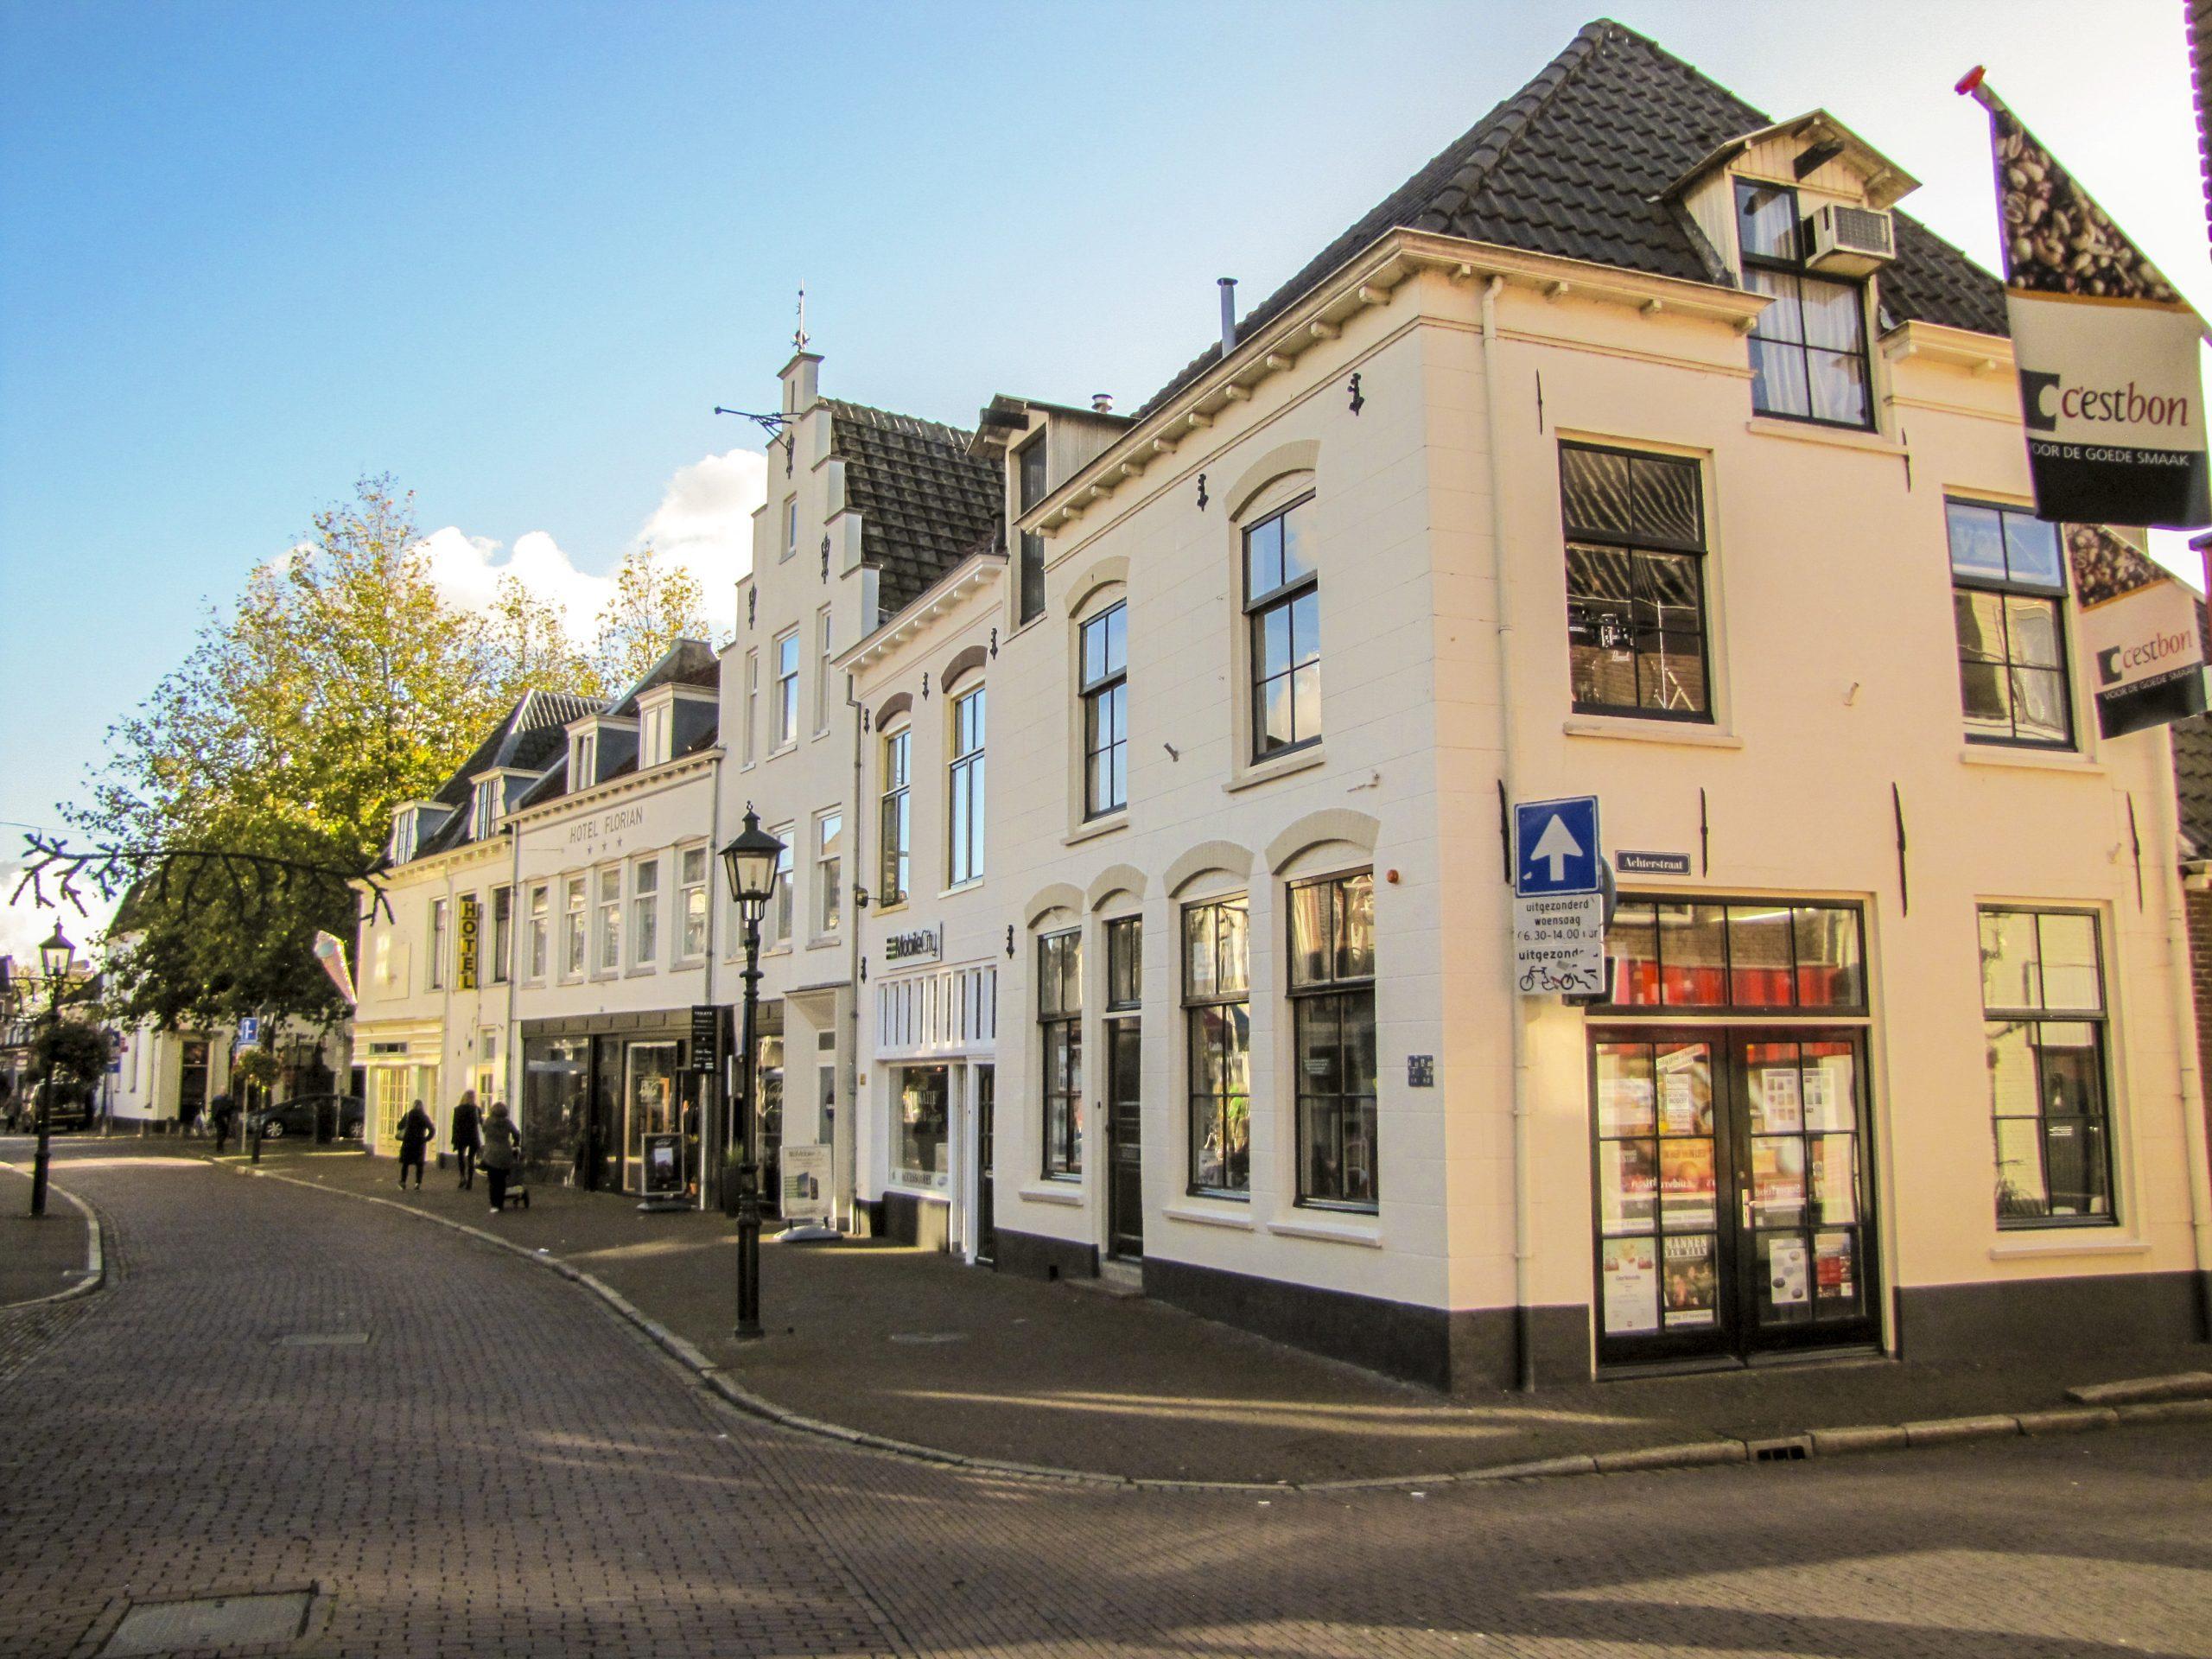 Veldpoortstraat Wijk bij Duurstede